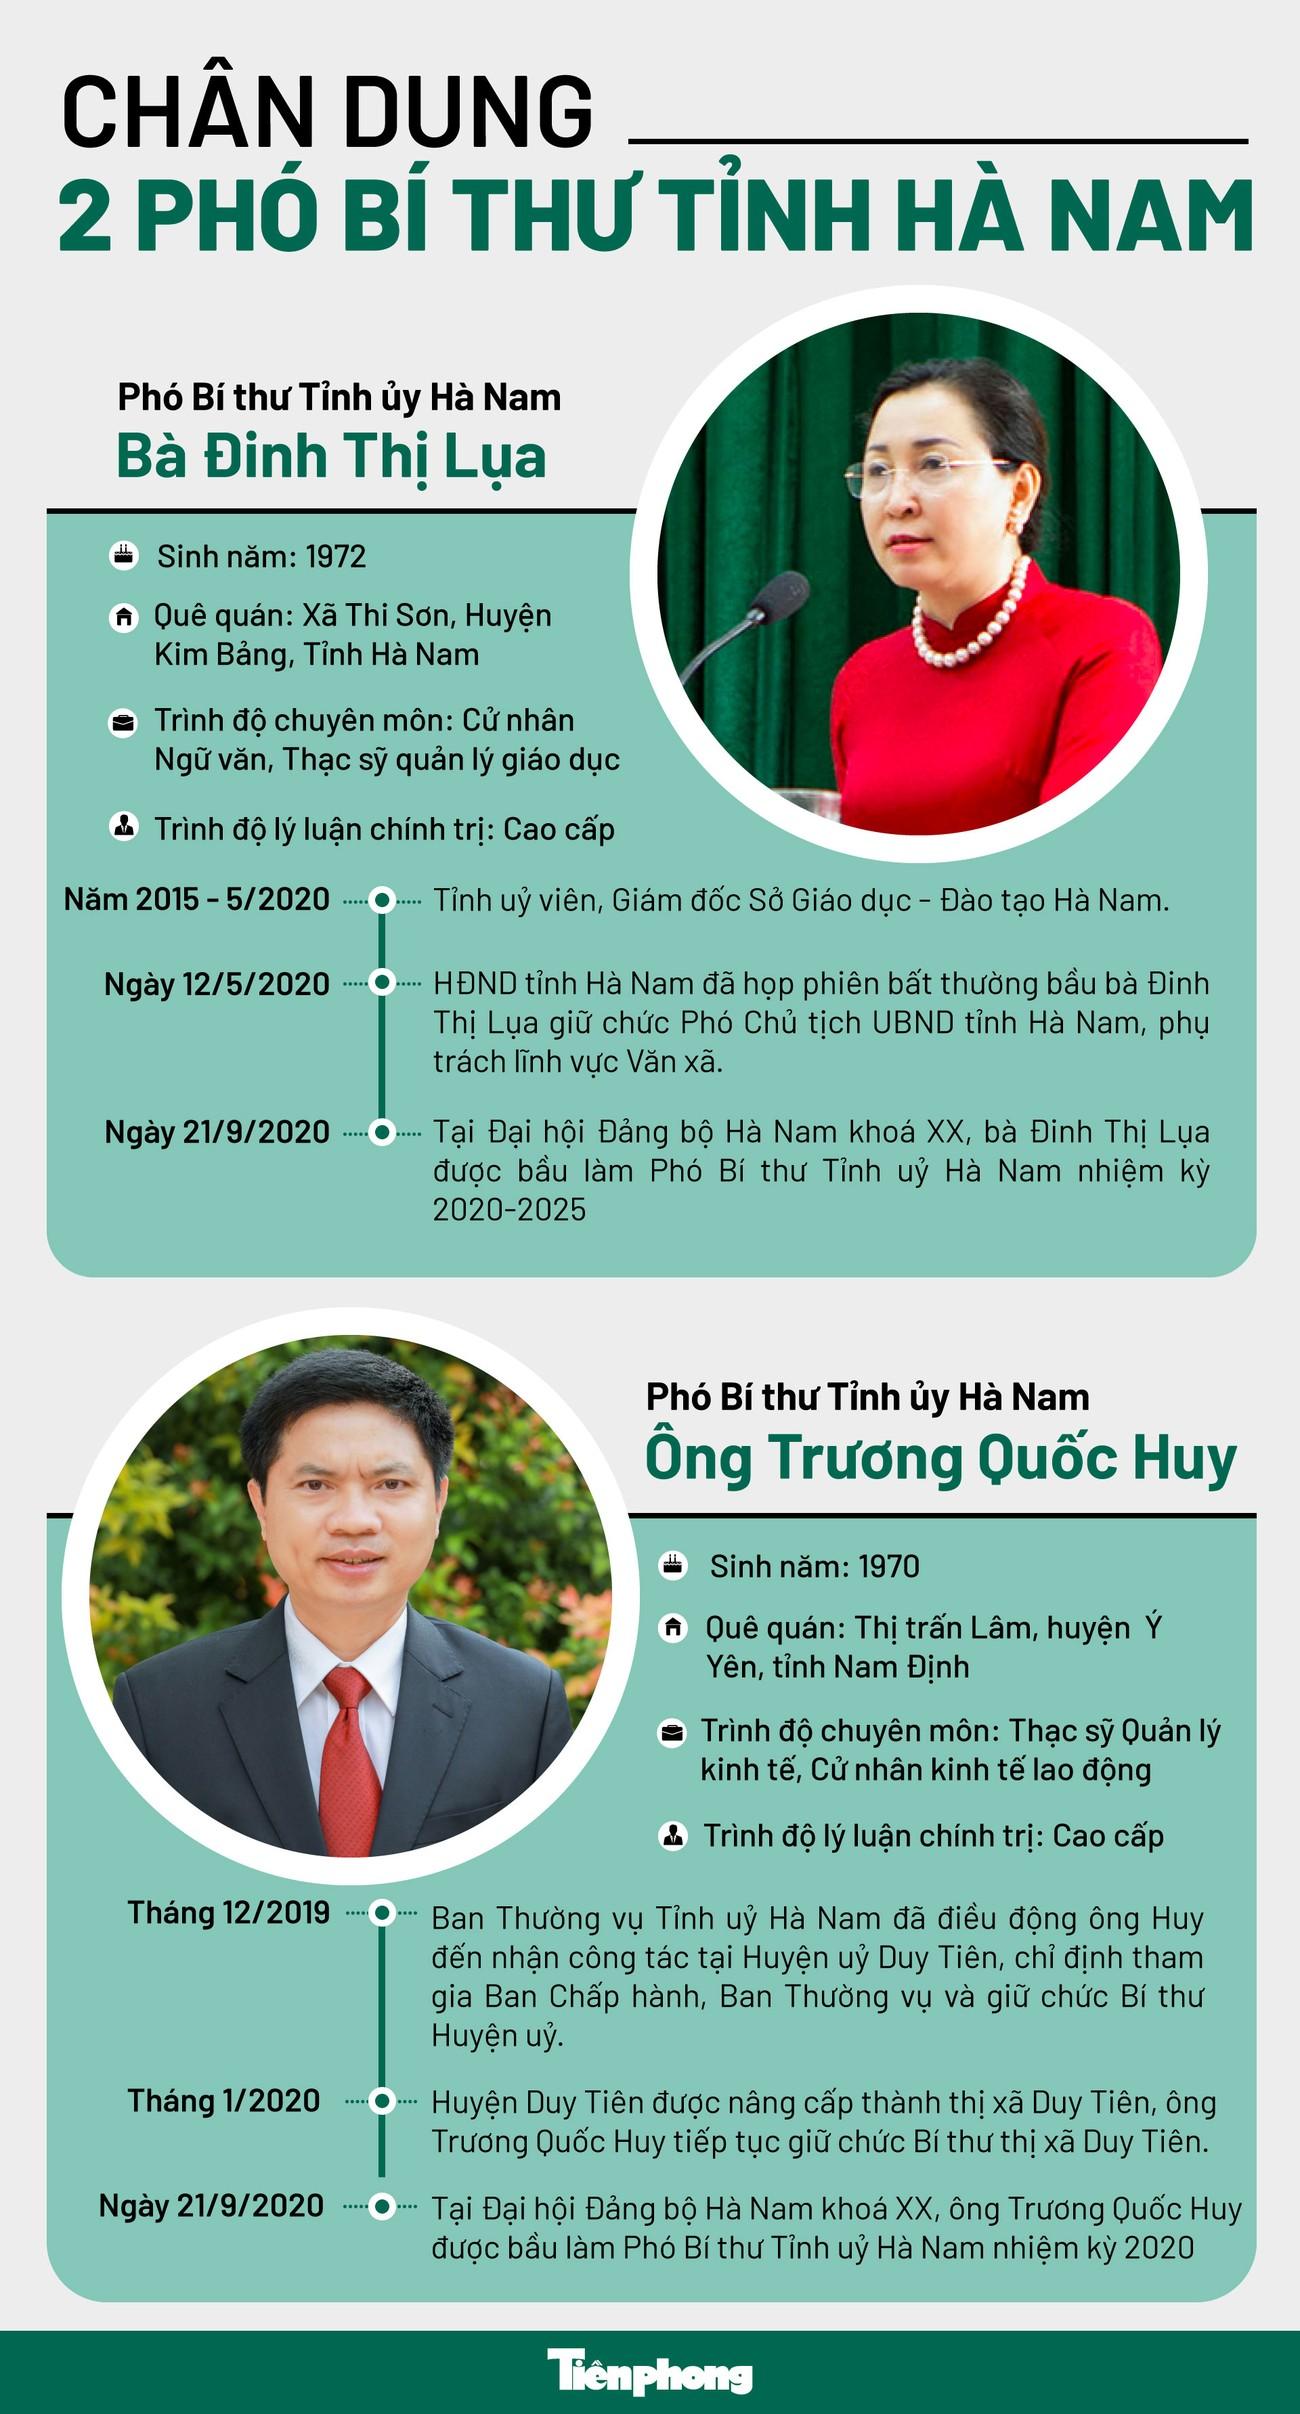 Chân dung hai phó bí thư Tỉnh ủy Hà Nam ảnh 1